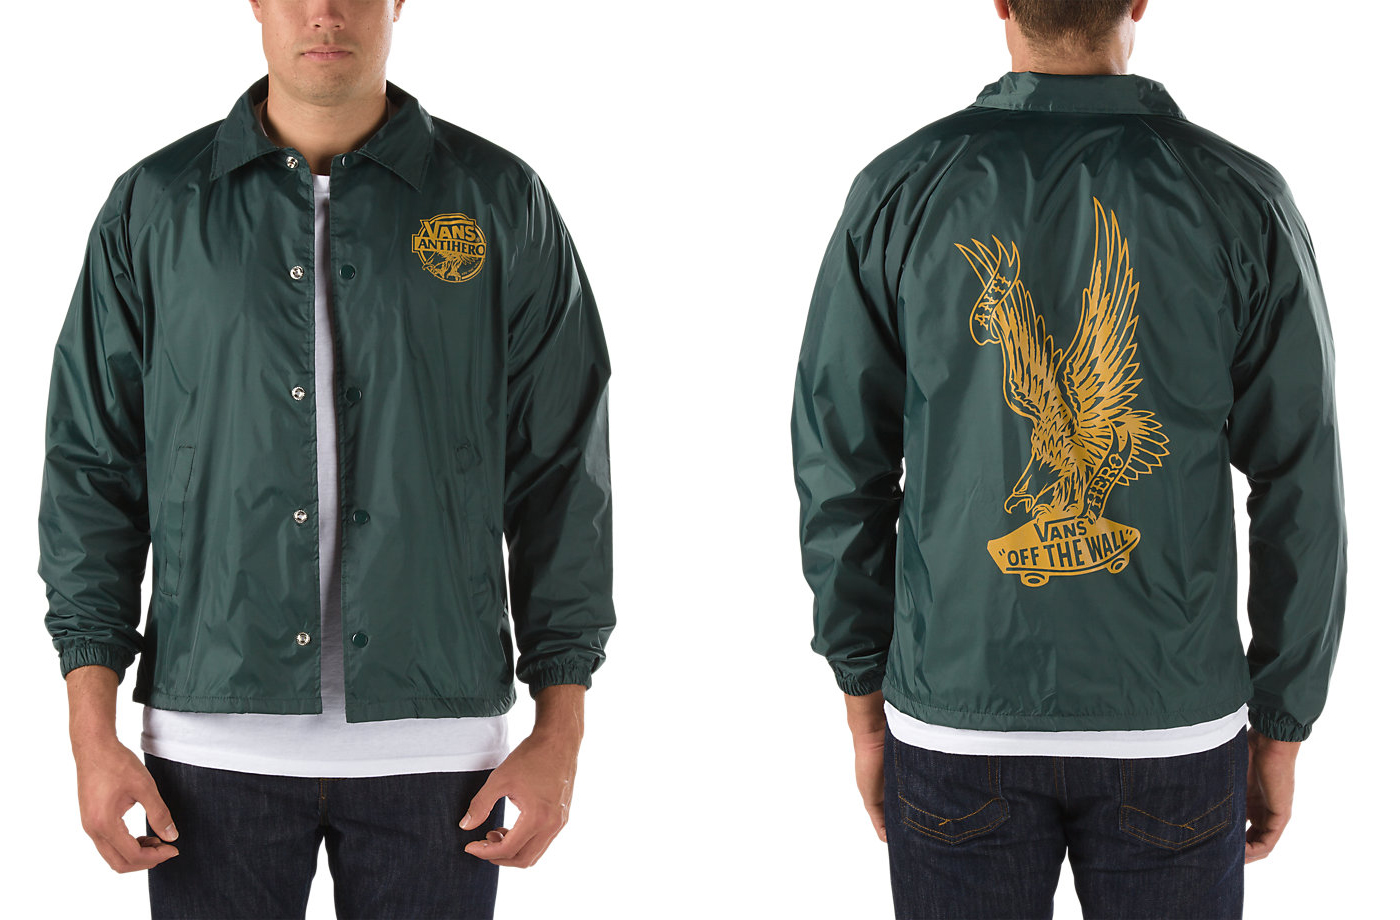 vans-antihero-jacket